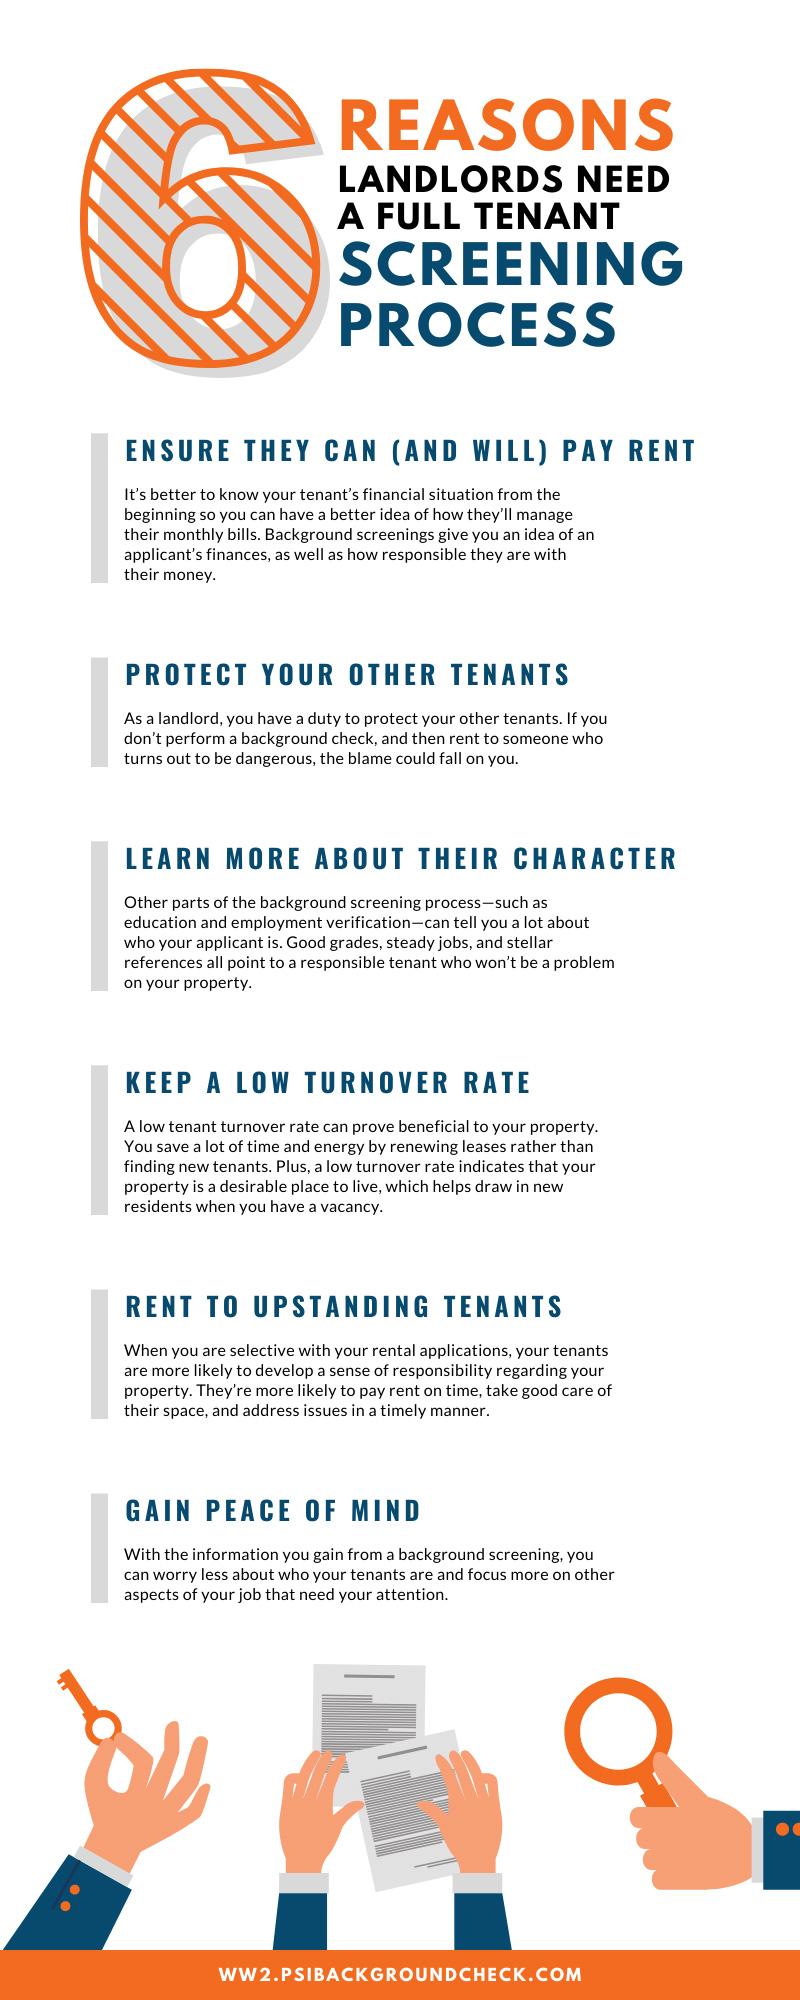 6 Reasons Landlords Need a Full Tenant Screening Process